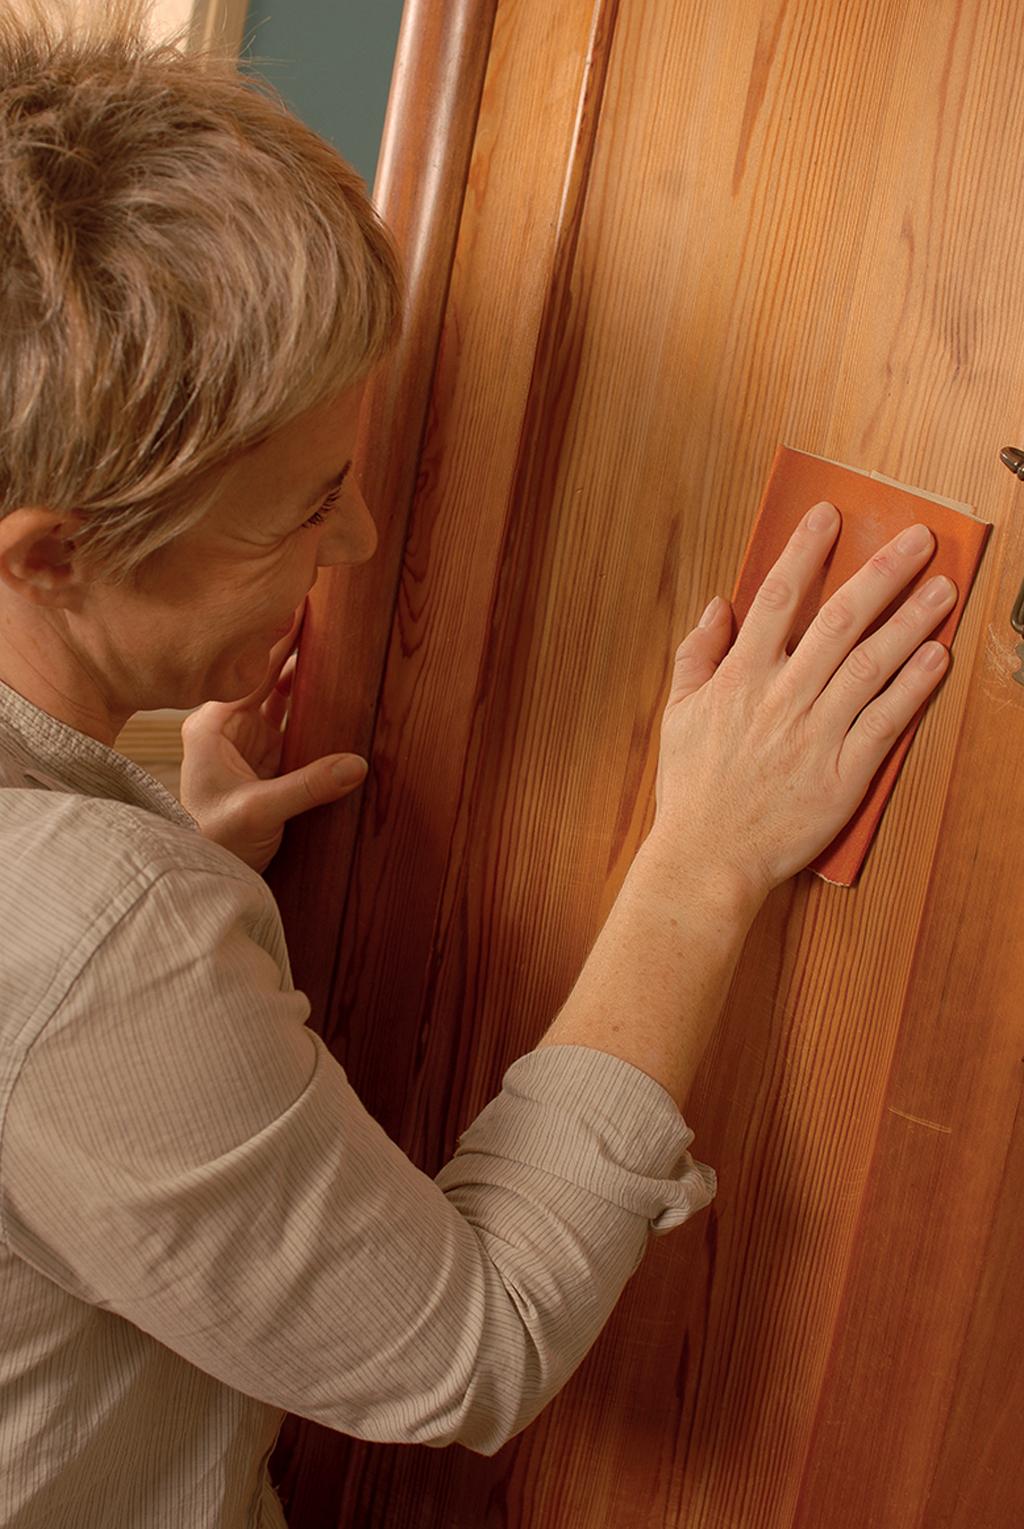 Comment Customiser Une Armoire relooker une vieille armoire avec du papier peint | diy family